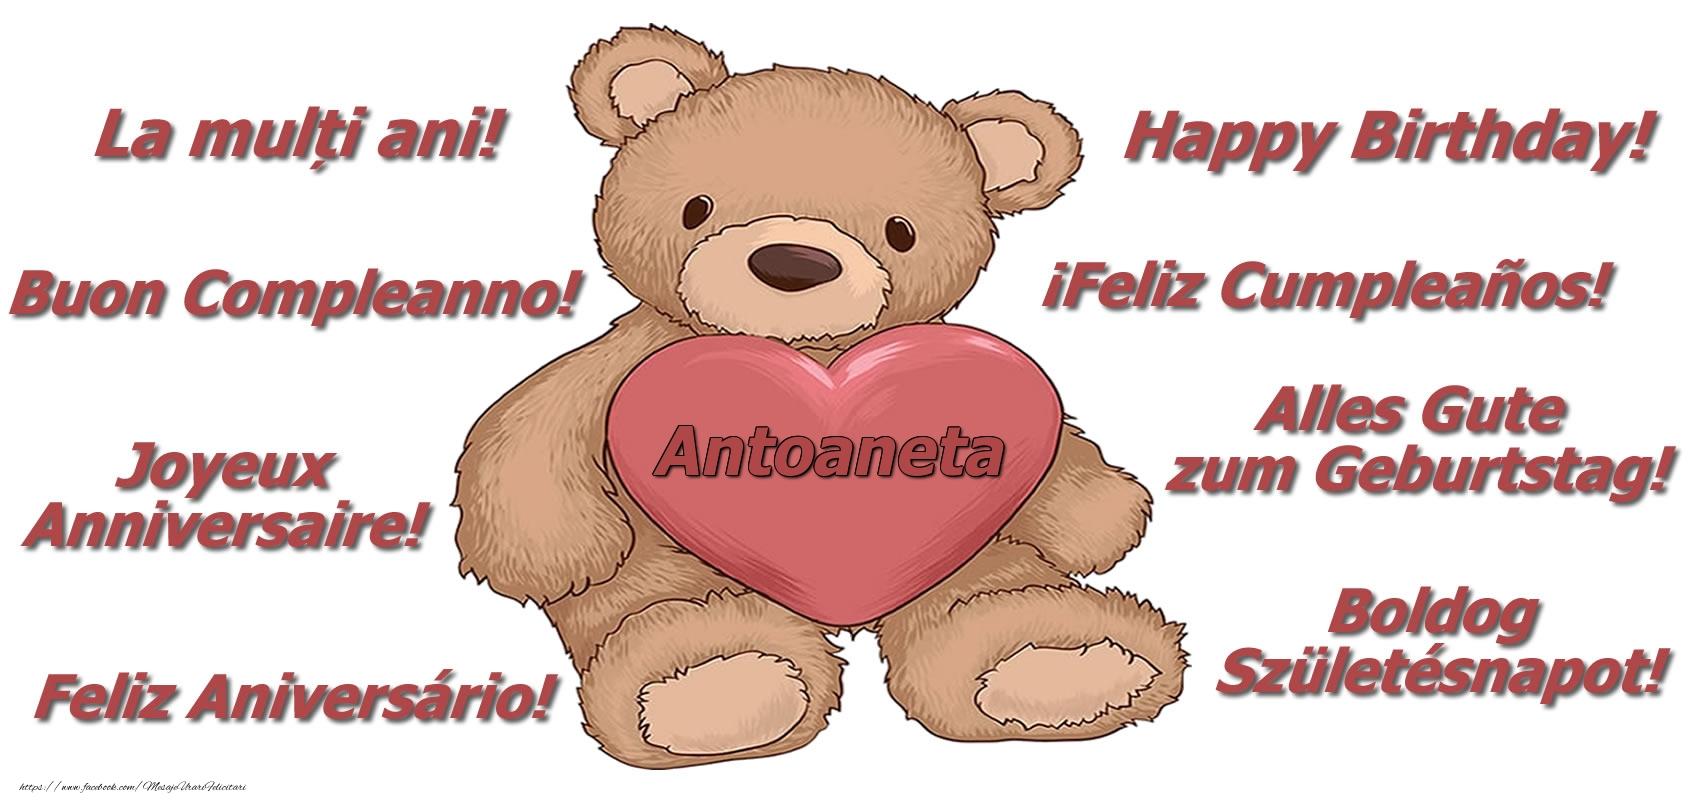 Felicitari de zi de nastere - La multi ani Antoaneta! - Ursulet